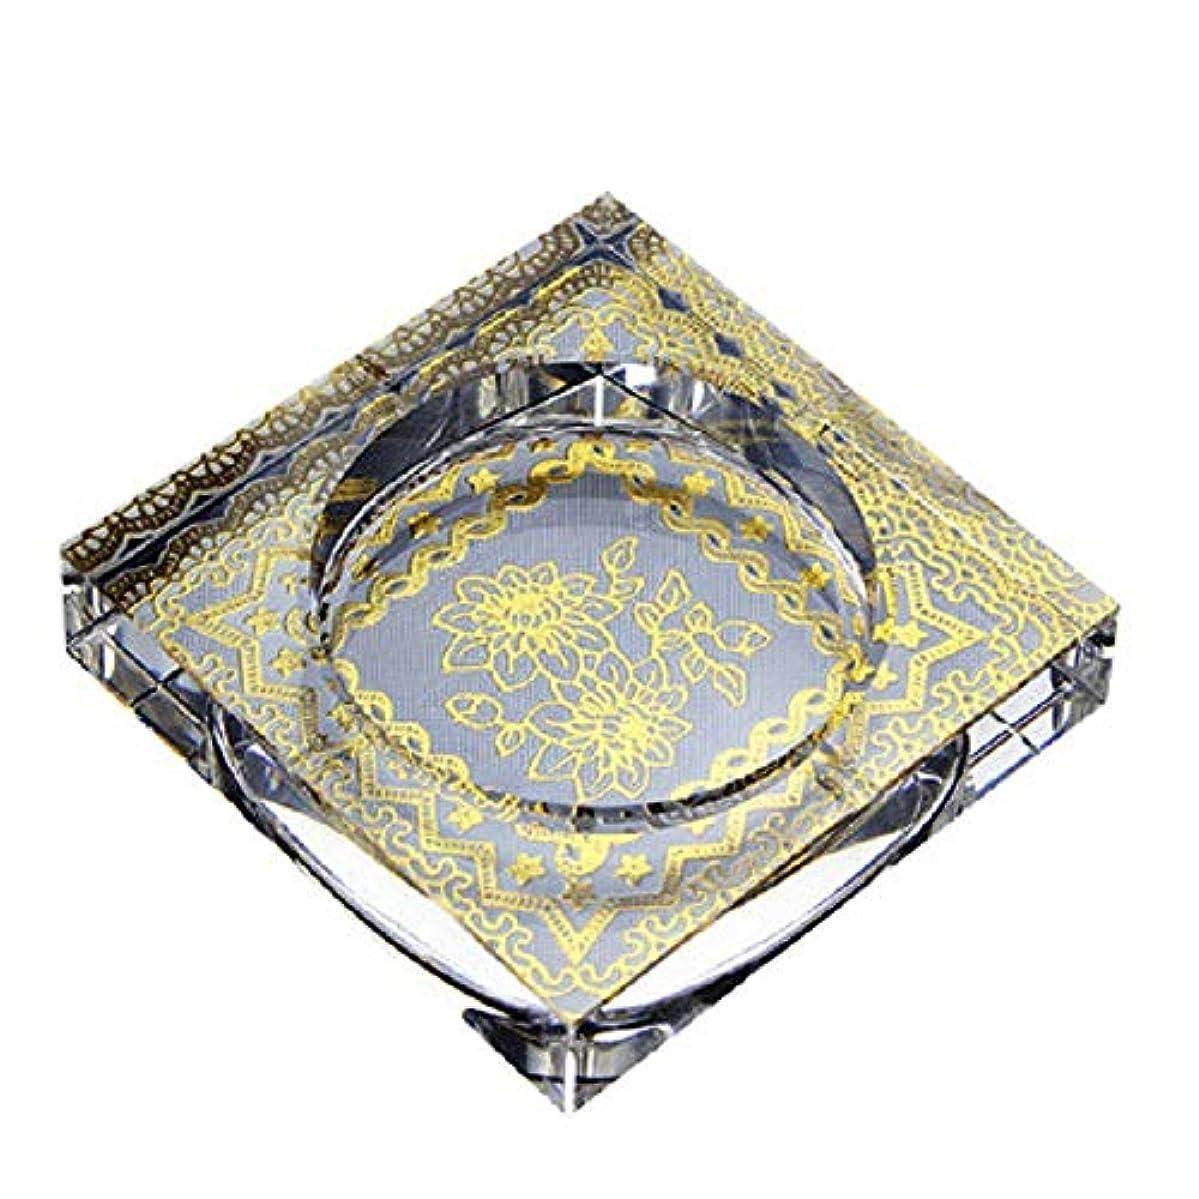 航空会社涙が出るスカリータバコ、ギフトおよび総本店の装飾のための灰皿の円形の光沢のある水晶灰皿